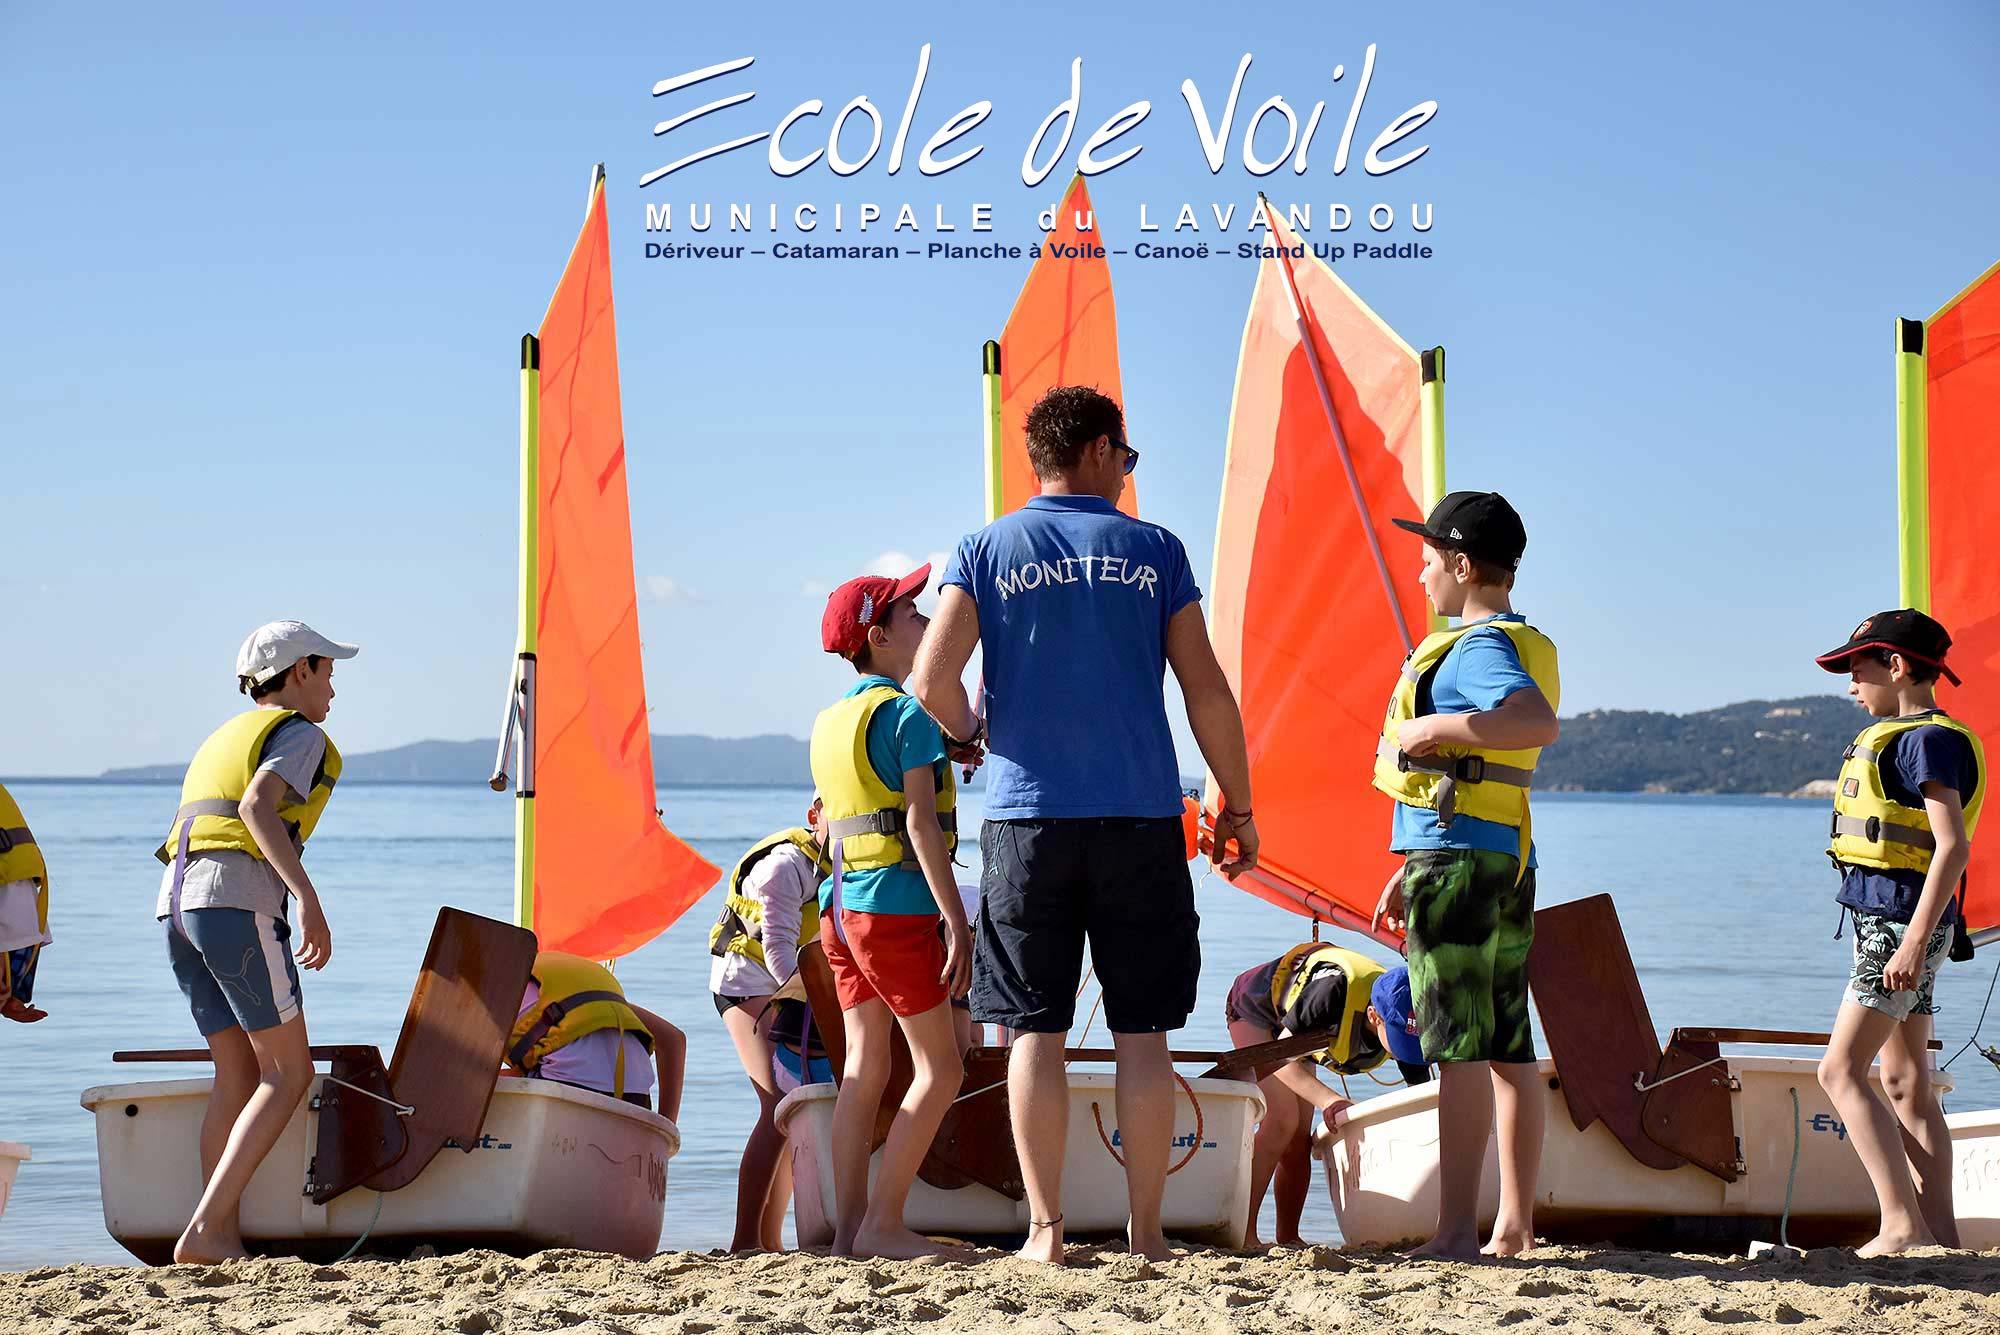 Ecole_Voile_Municipale-Home2